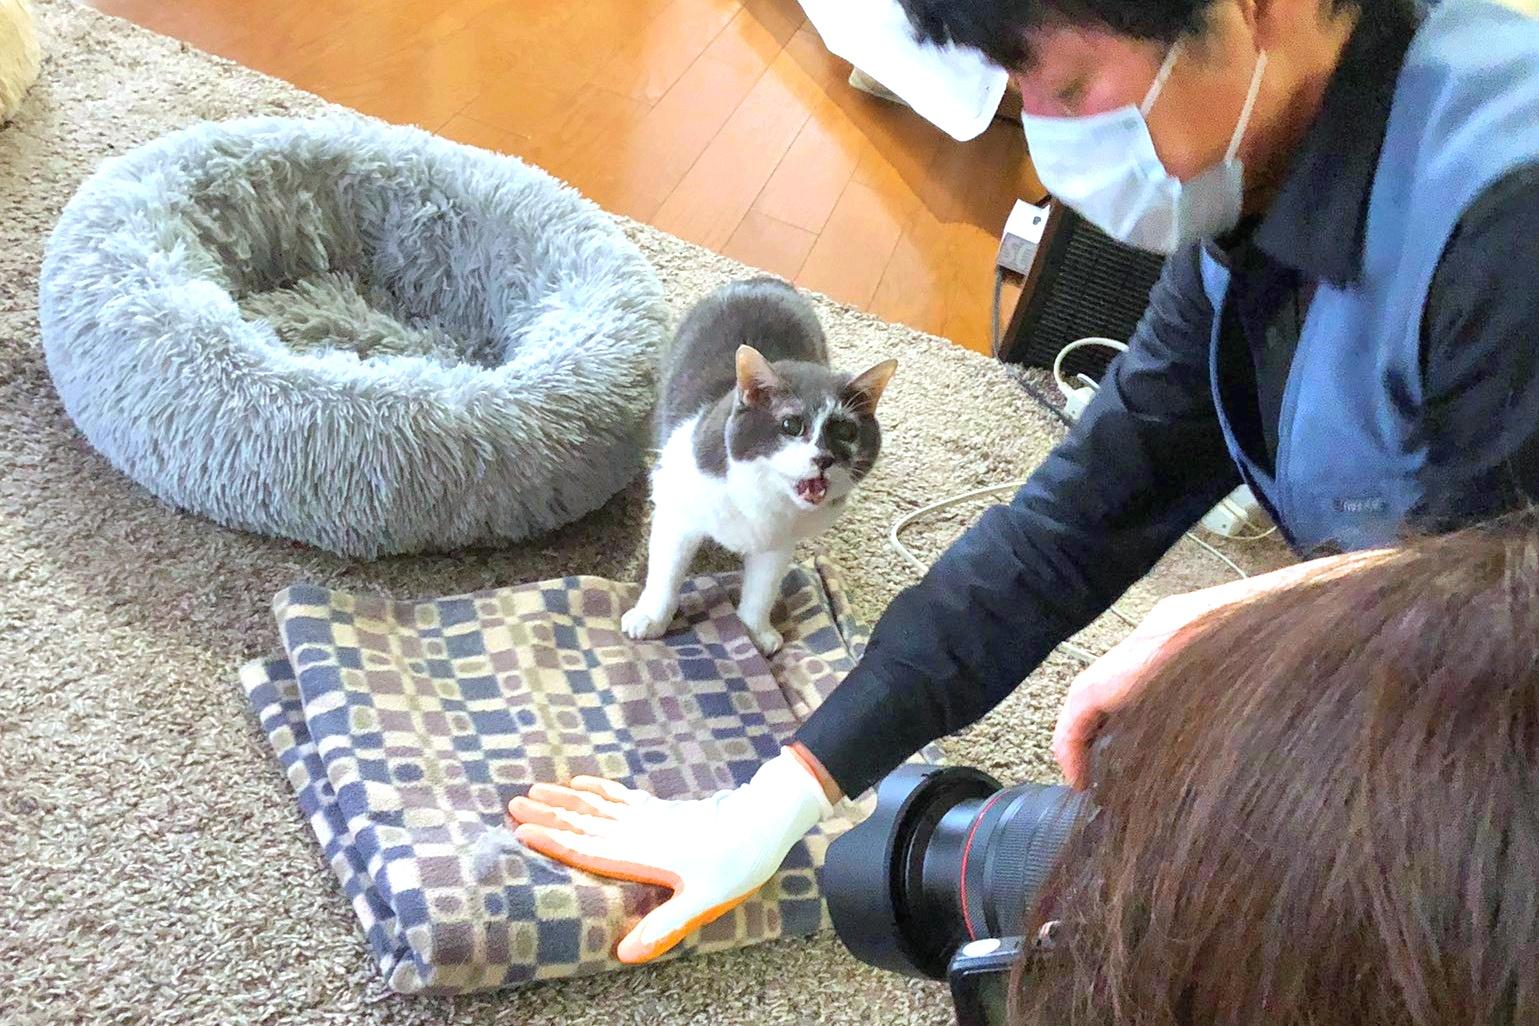 カメラマンの愛猫が必死に何かを訴える、話題の一枚【写真提供:猫雑誌編集者(ペット栄養管理士)@NekoG_staffさん】